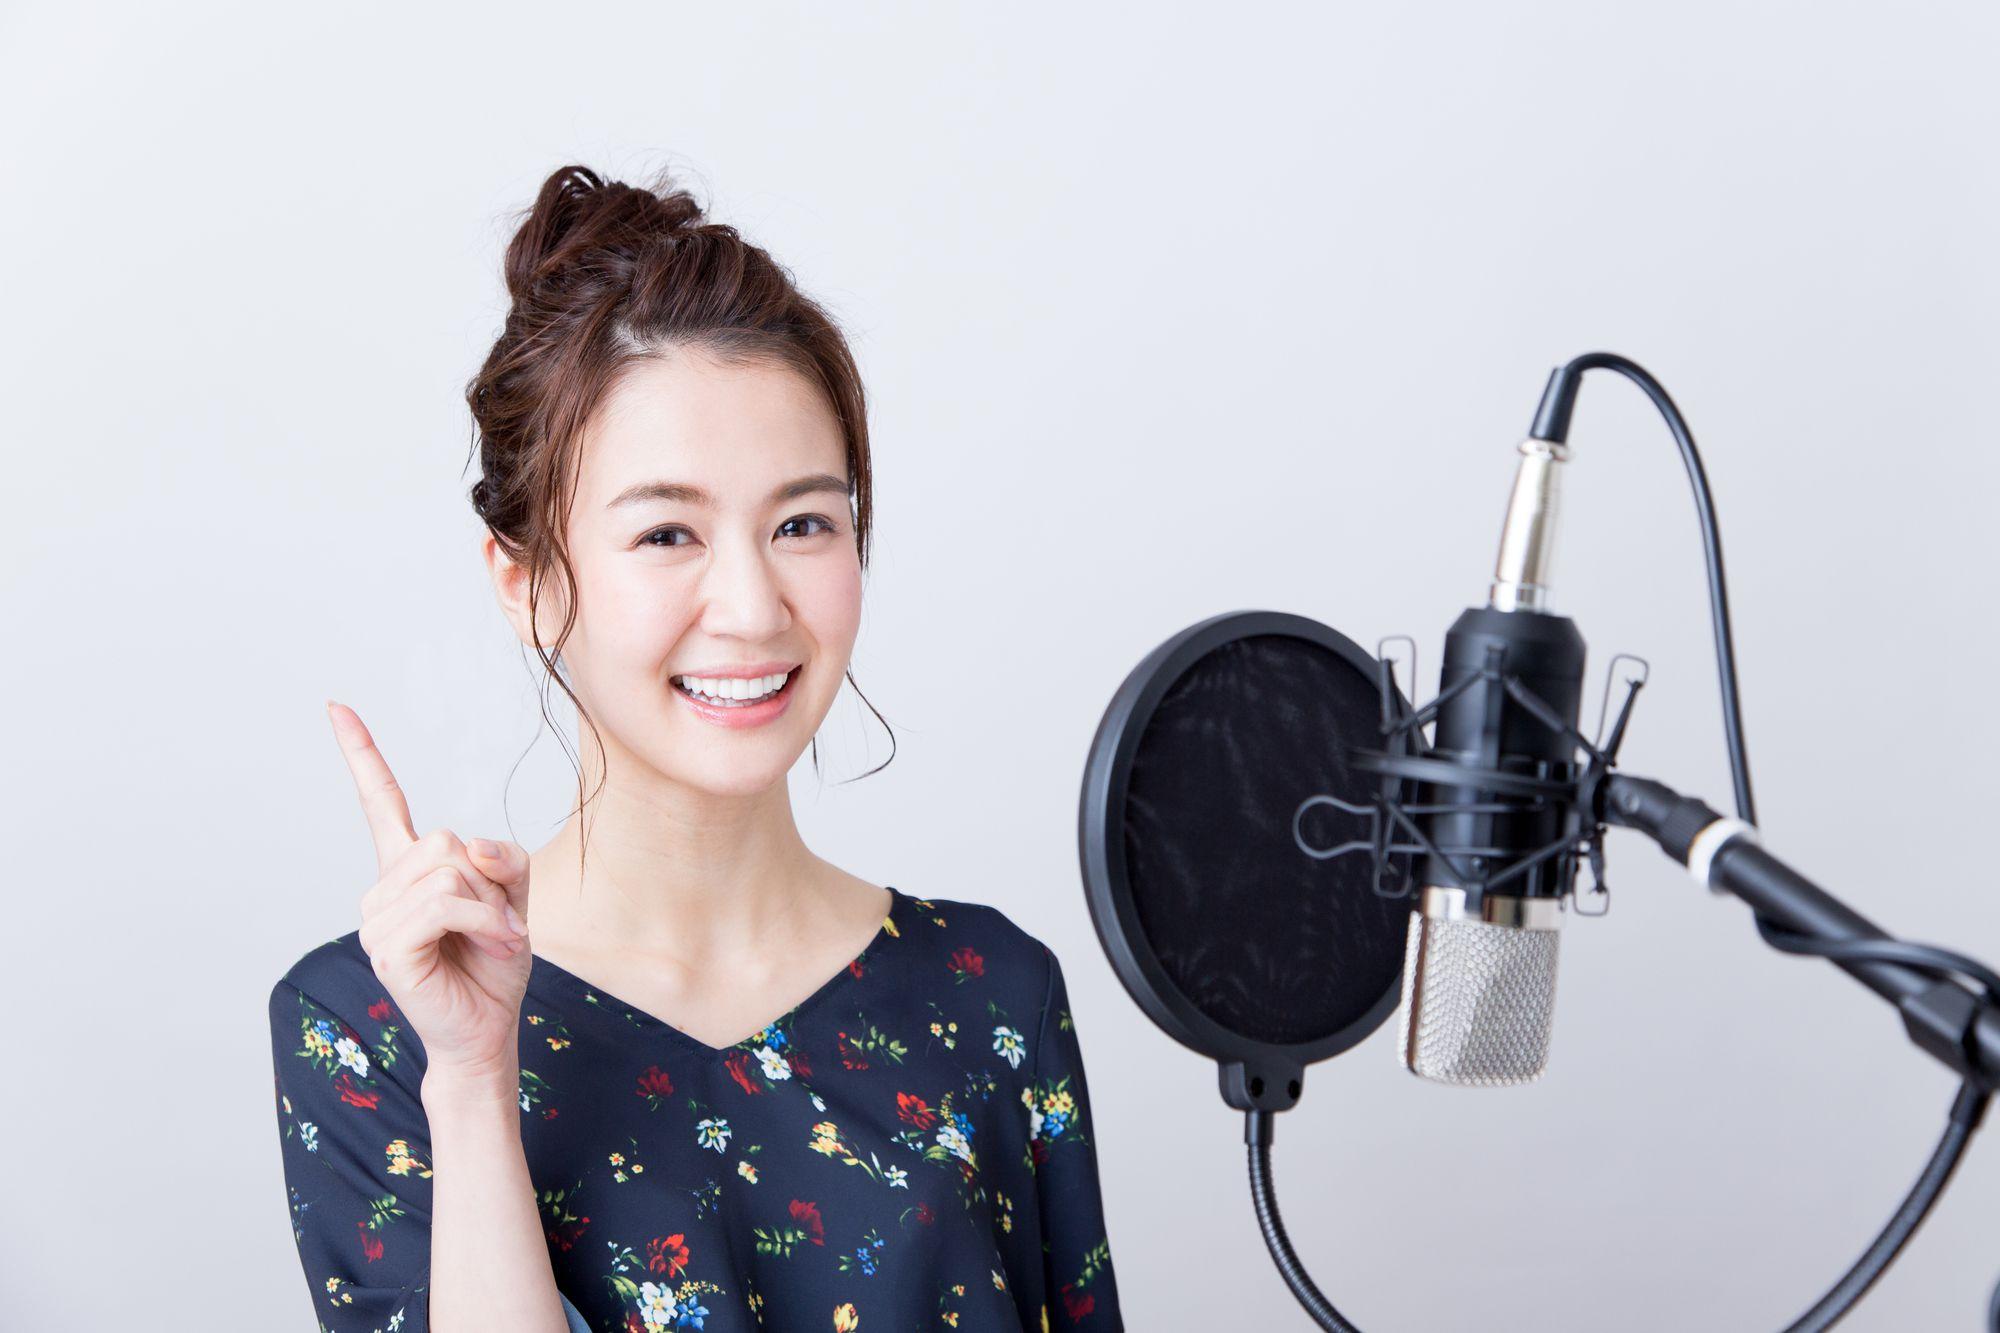 ベテラン声優はココが違う!大阪の声優養成所の練習生との技術の差を解説